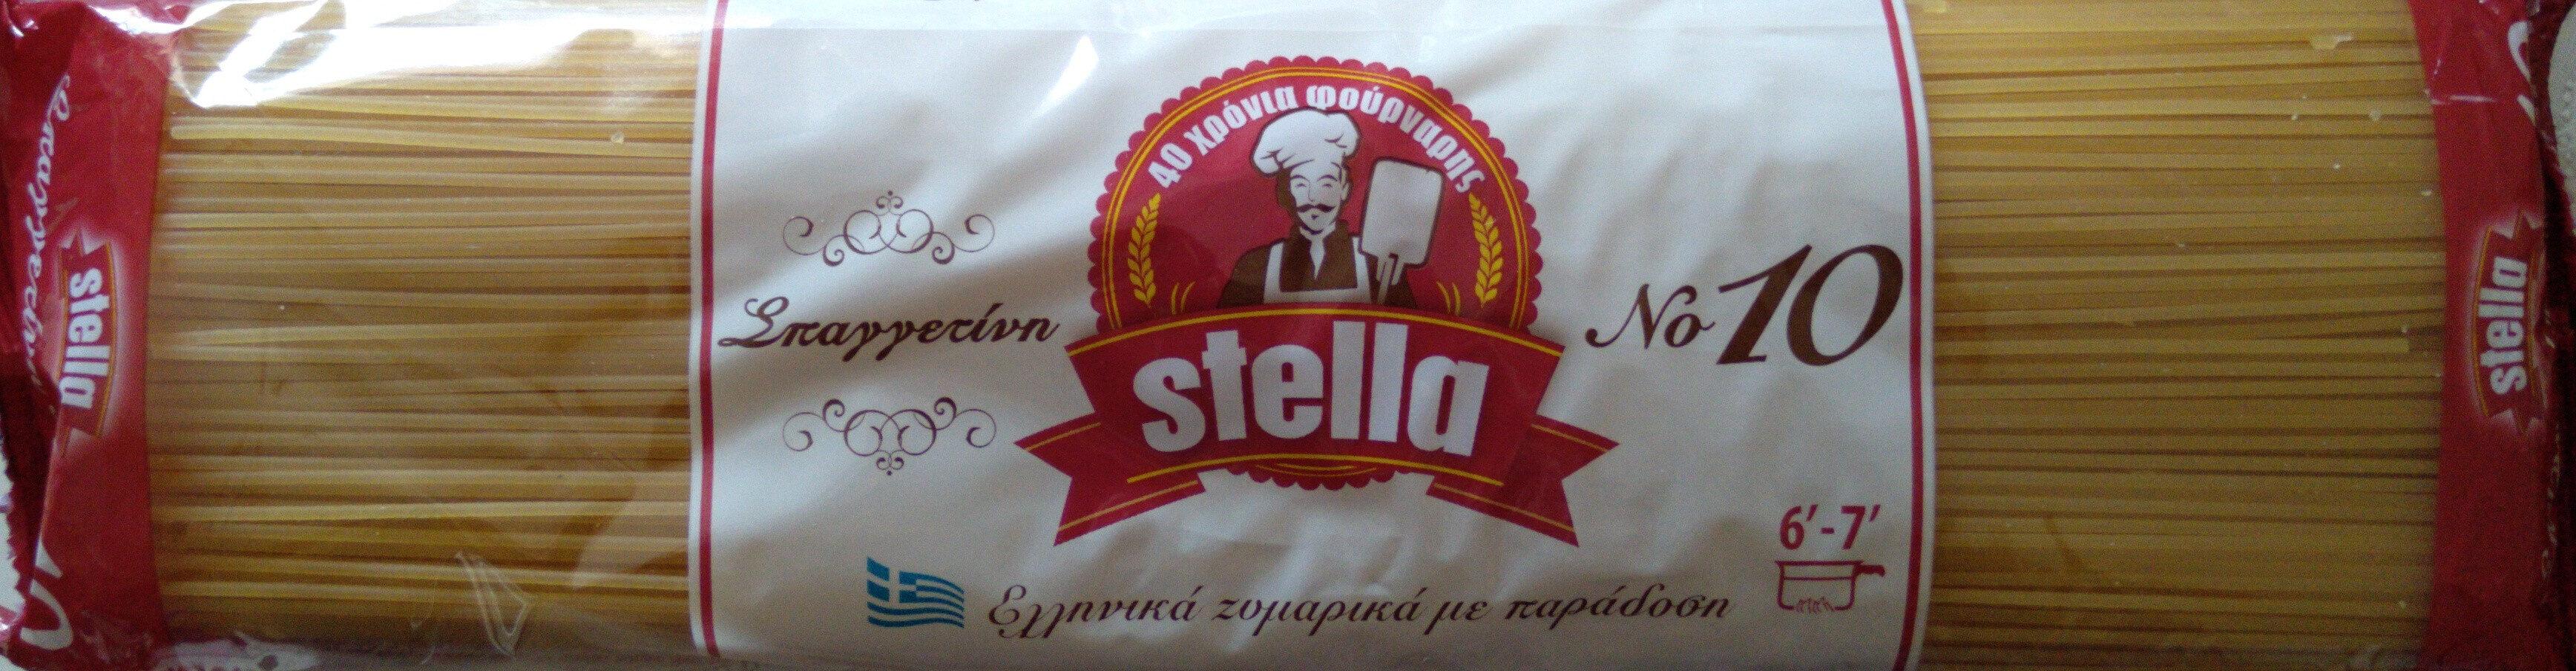 Σπαγγέτι Νο10 - Product - en